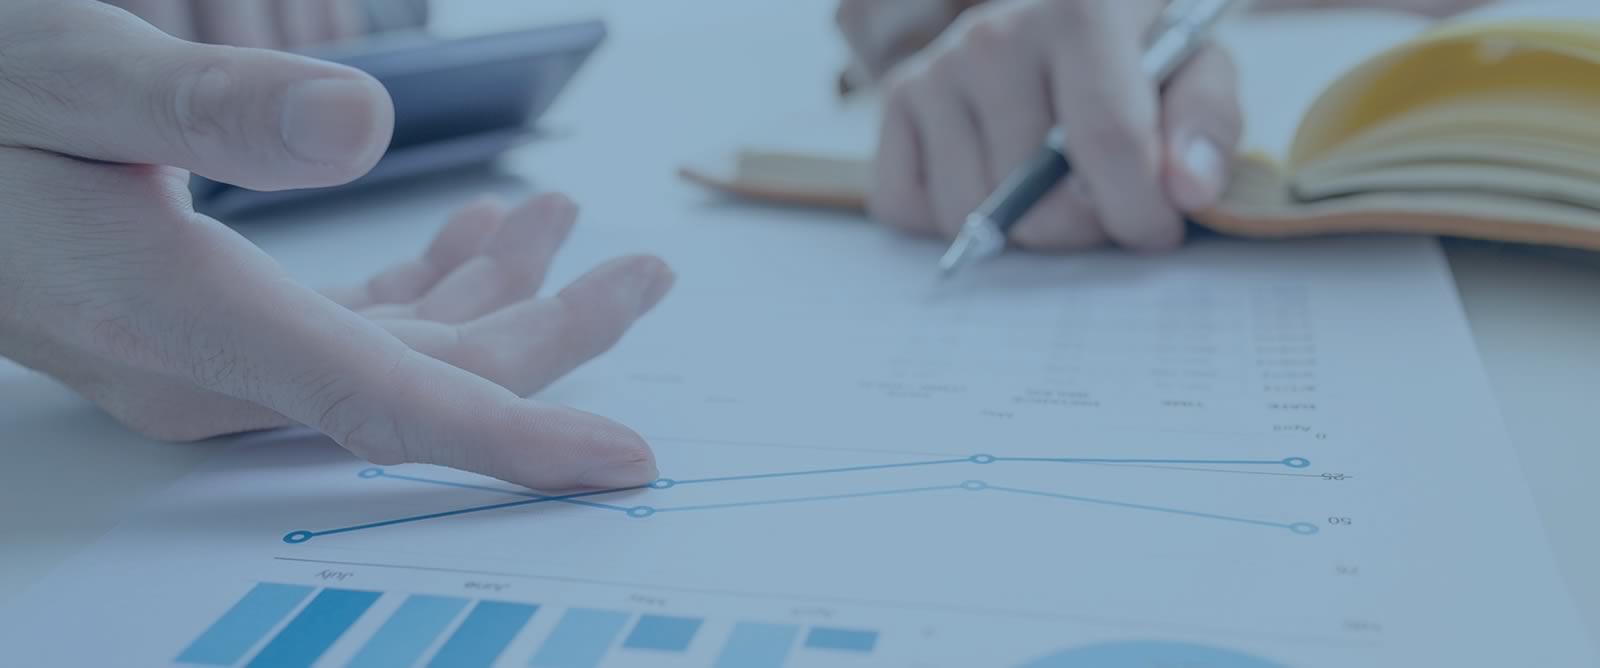 finances2-blue